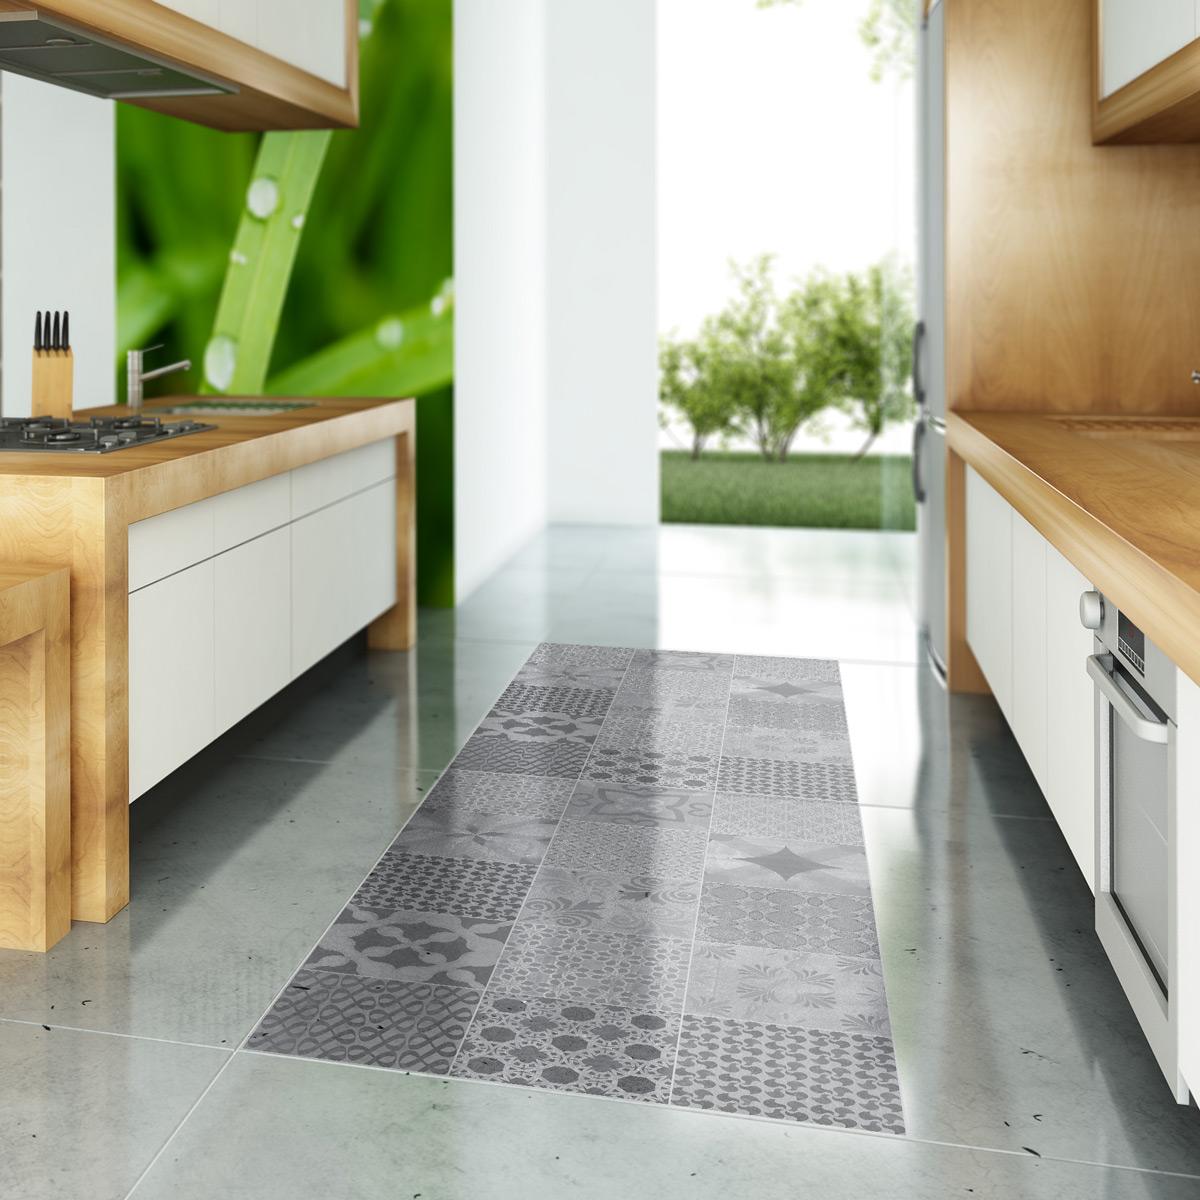 Carreau Ciment Cuisine Sol stickers carreaux de ciment sol java anti-dérapant 60x100cm